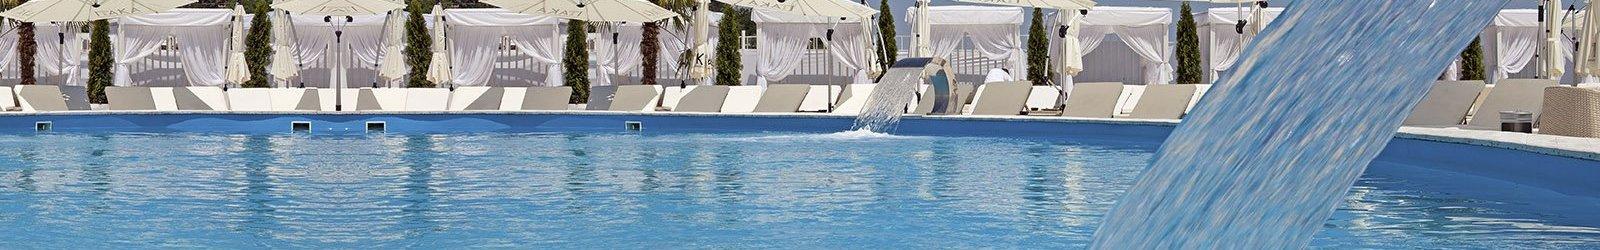 Курорти України демонструють зростання на 30%, оскільки коронавірусна криза сприяє розвитку внутрішнього туризму